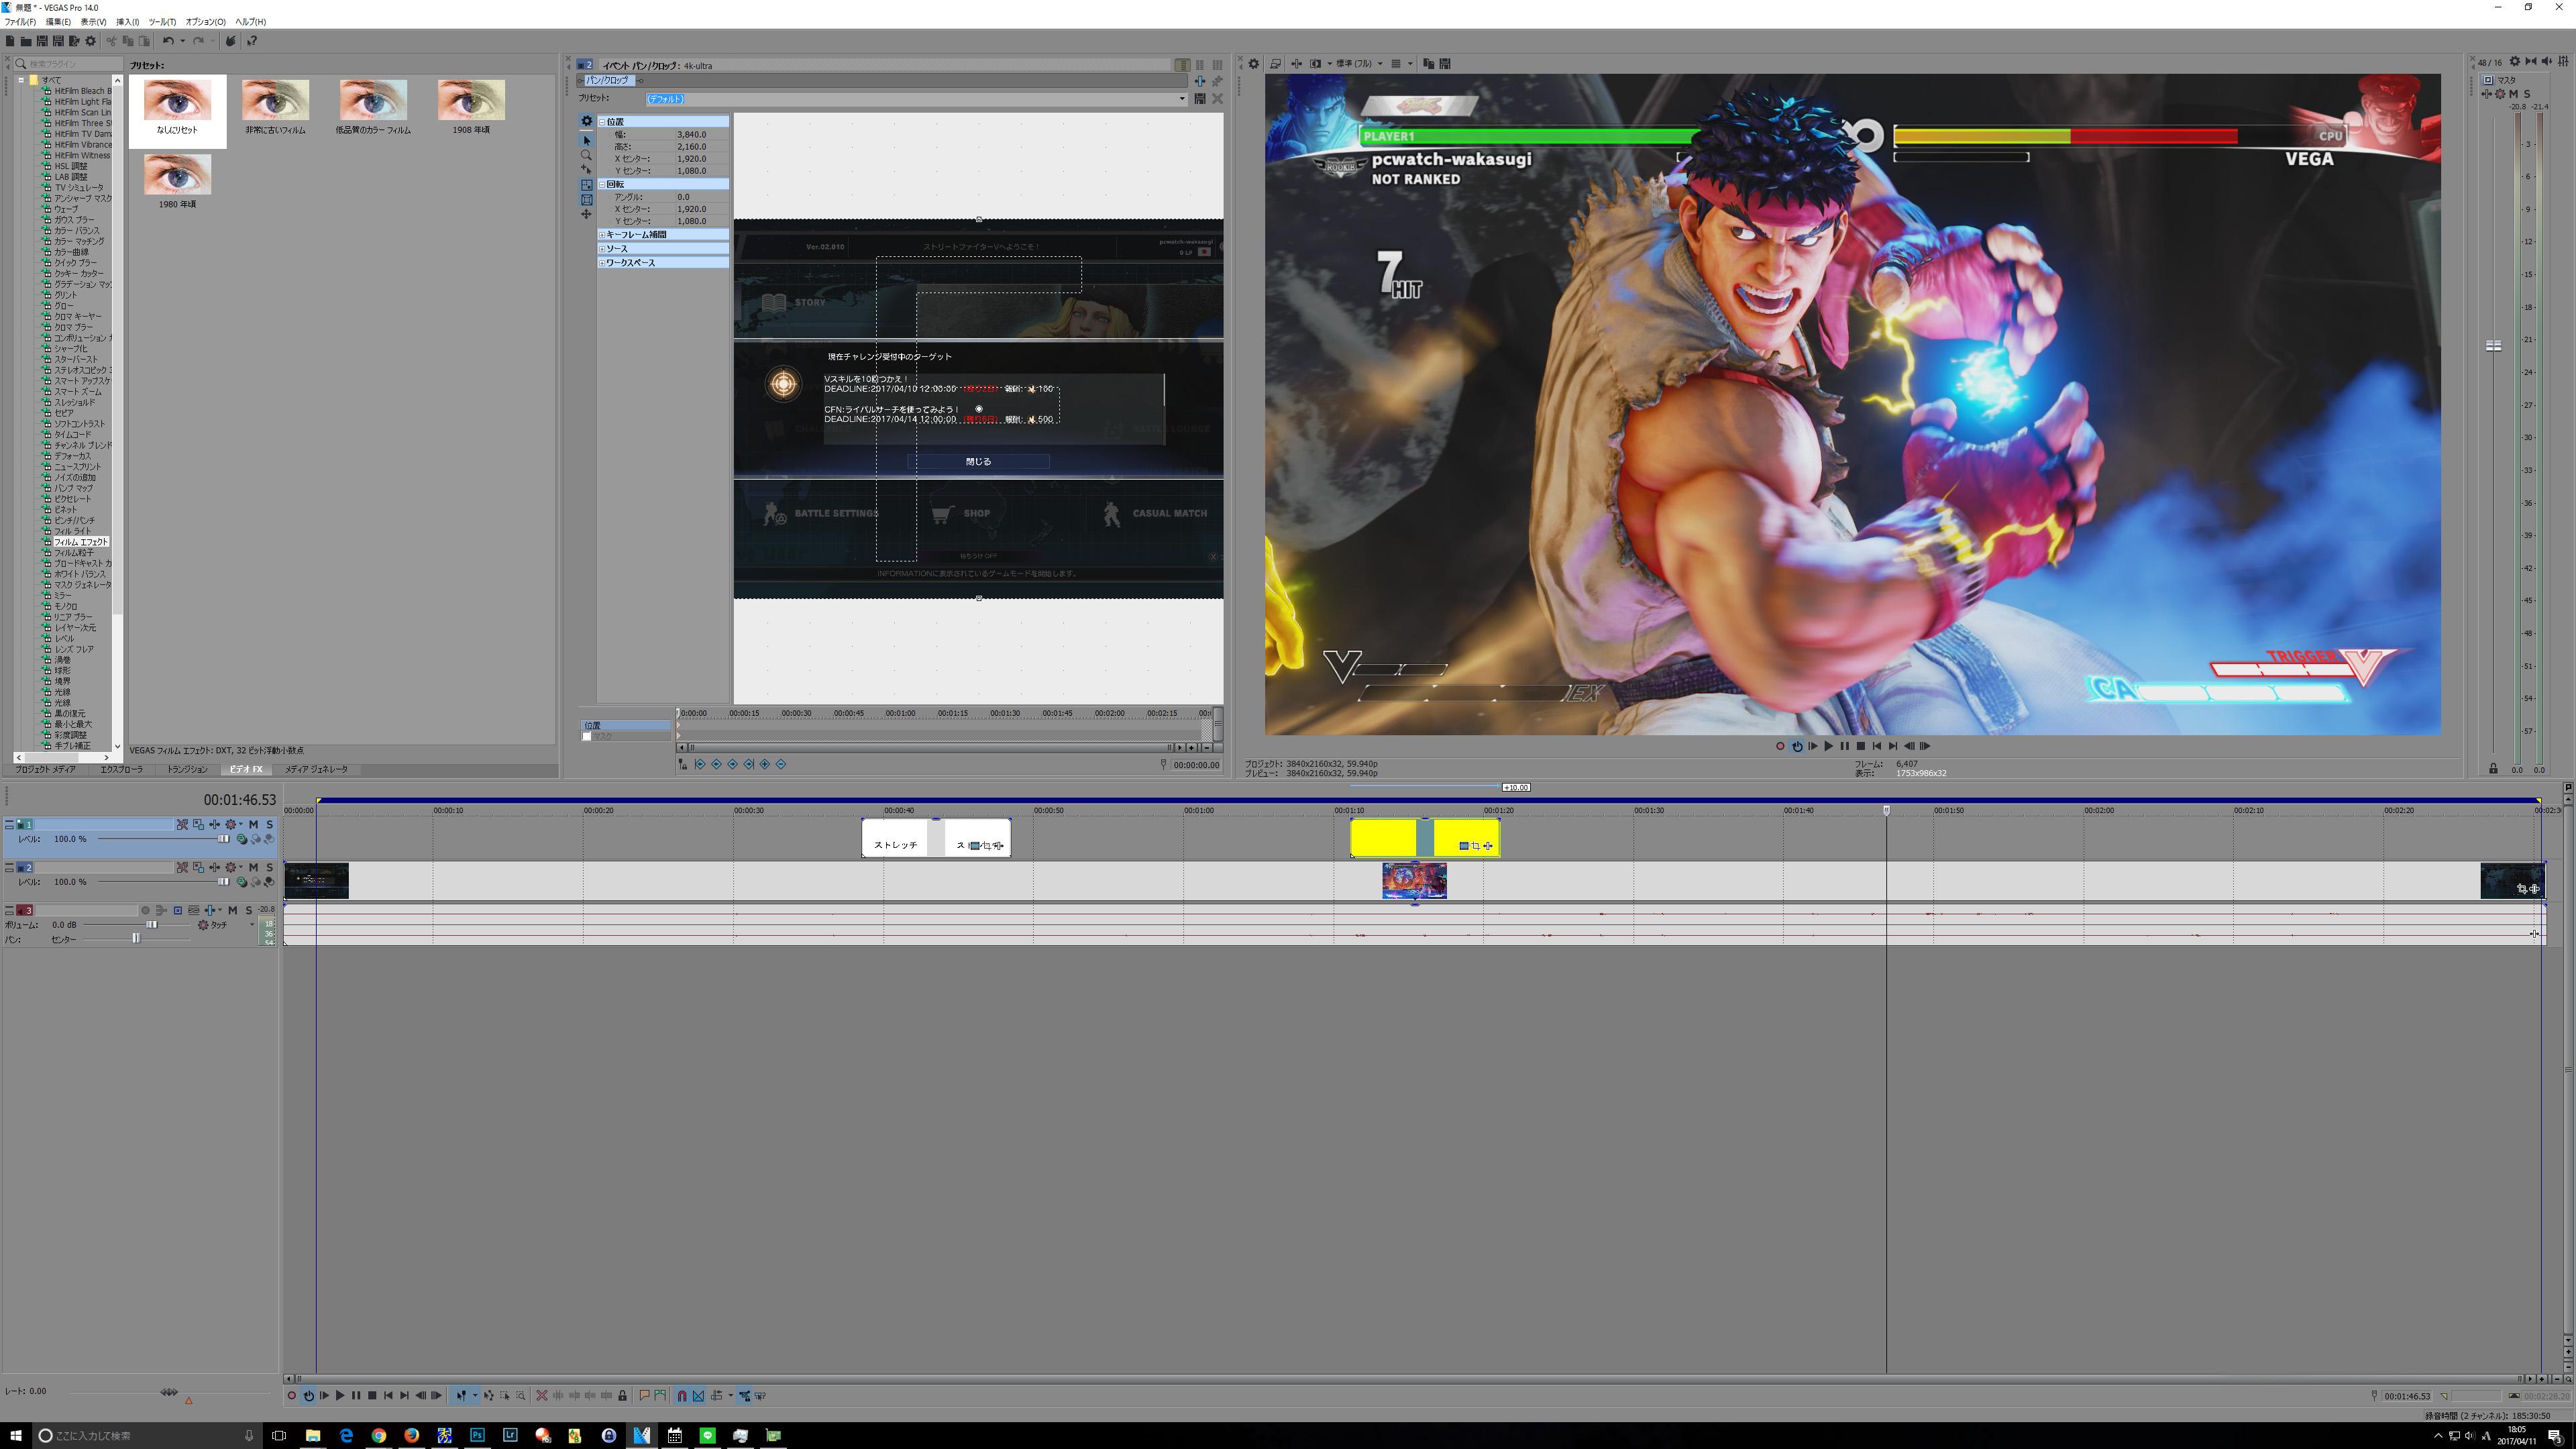 Vegas Pro 14。ハイスペックPCでは、編集内容にもよるが、4K動画も比較的スムーズに編集できる。とくに4K環境だとタイムラインなどを広く使えるのがメリット